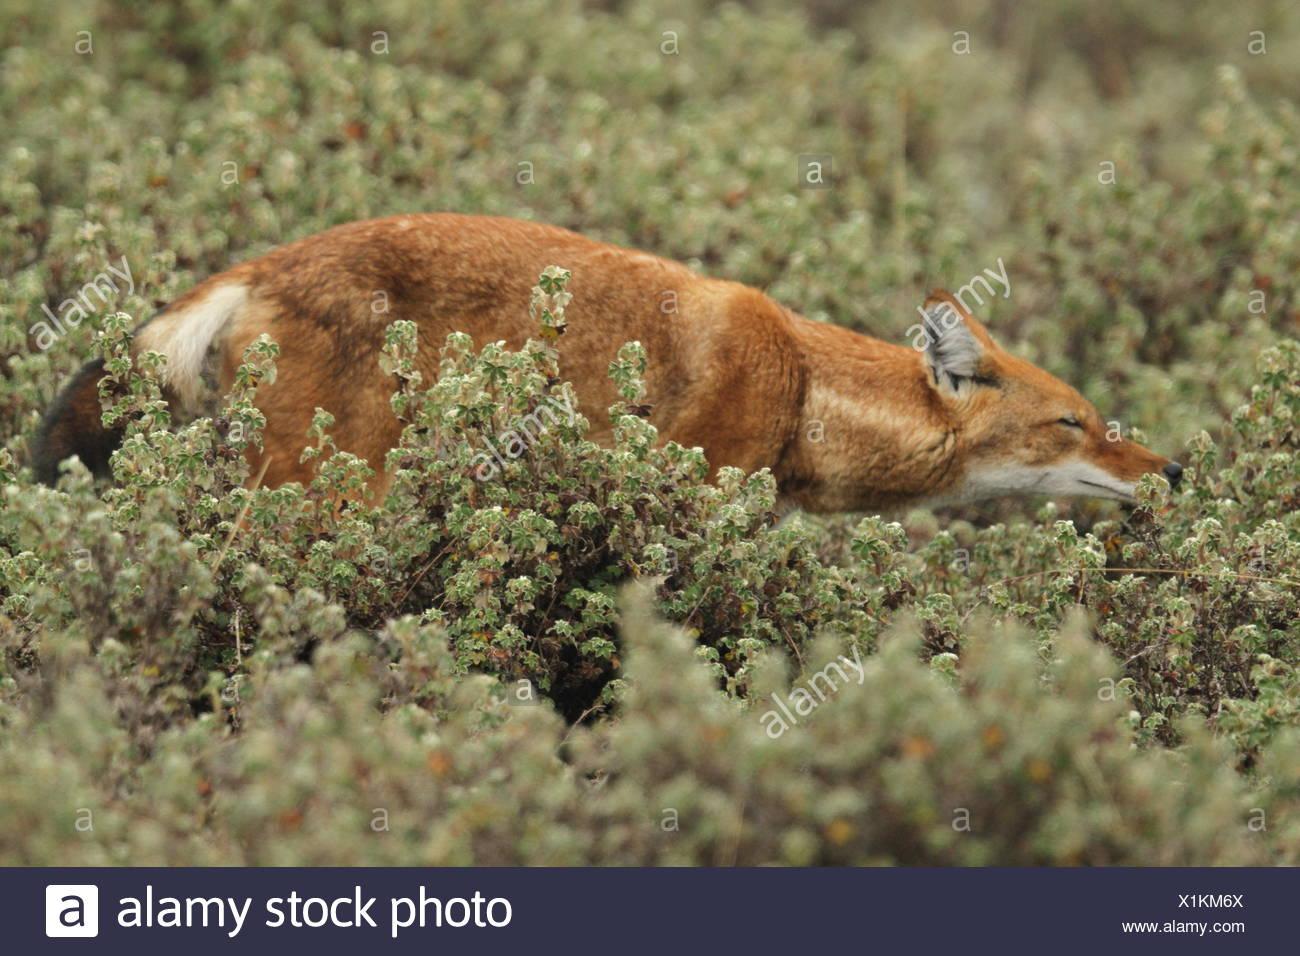 Ein Äthiopischer Wolf, Canis simensis, Spaziergänge durch die Vegetation in Bale Mountains Nationalpark. Stockbild